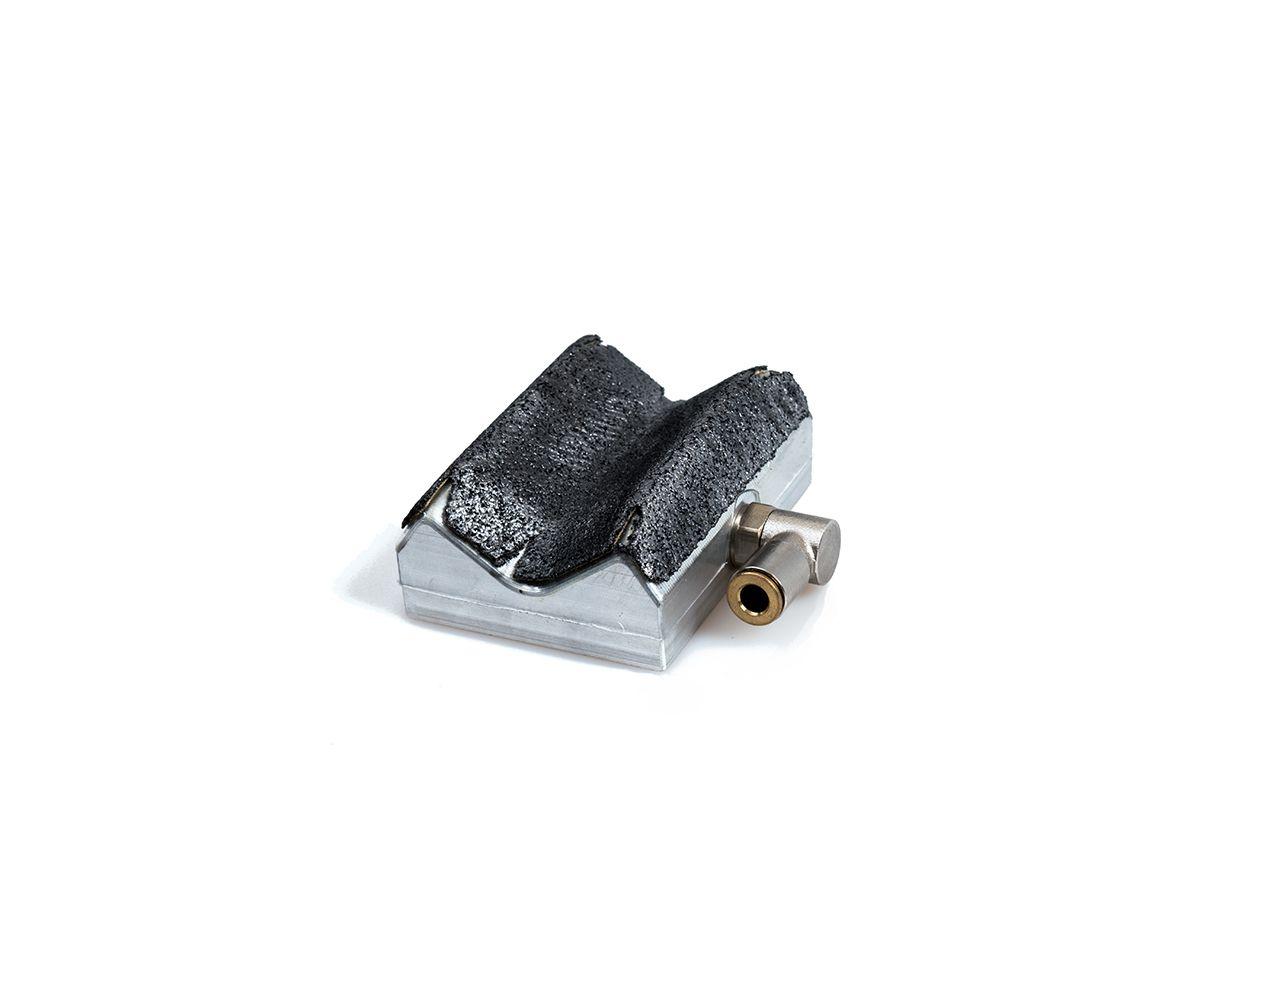 arminius-schleifmittel-start-produkte-schleifschuhe-produkt-slider-2